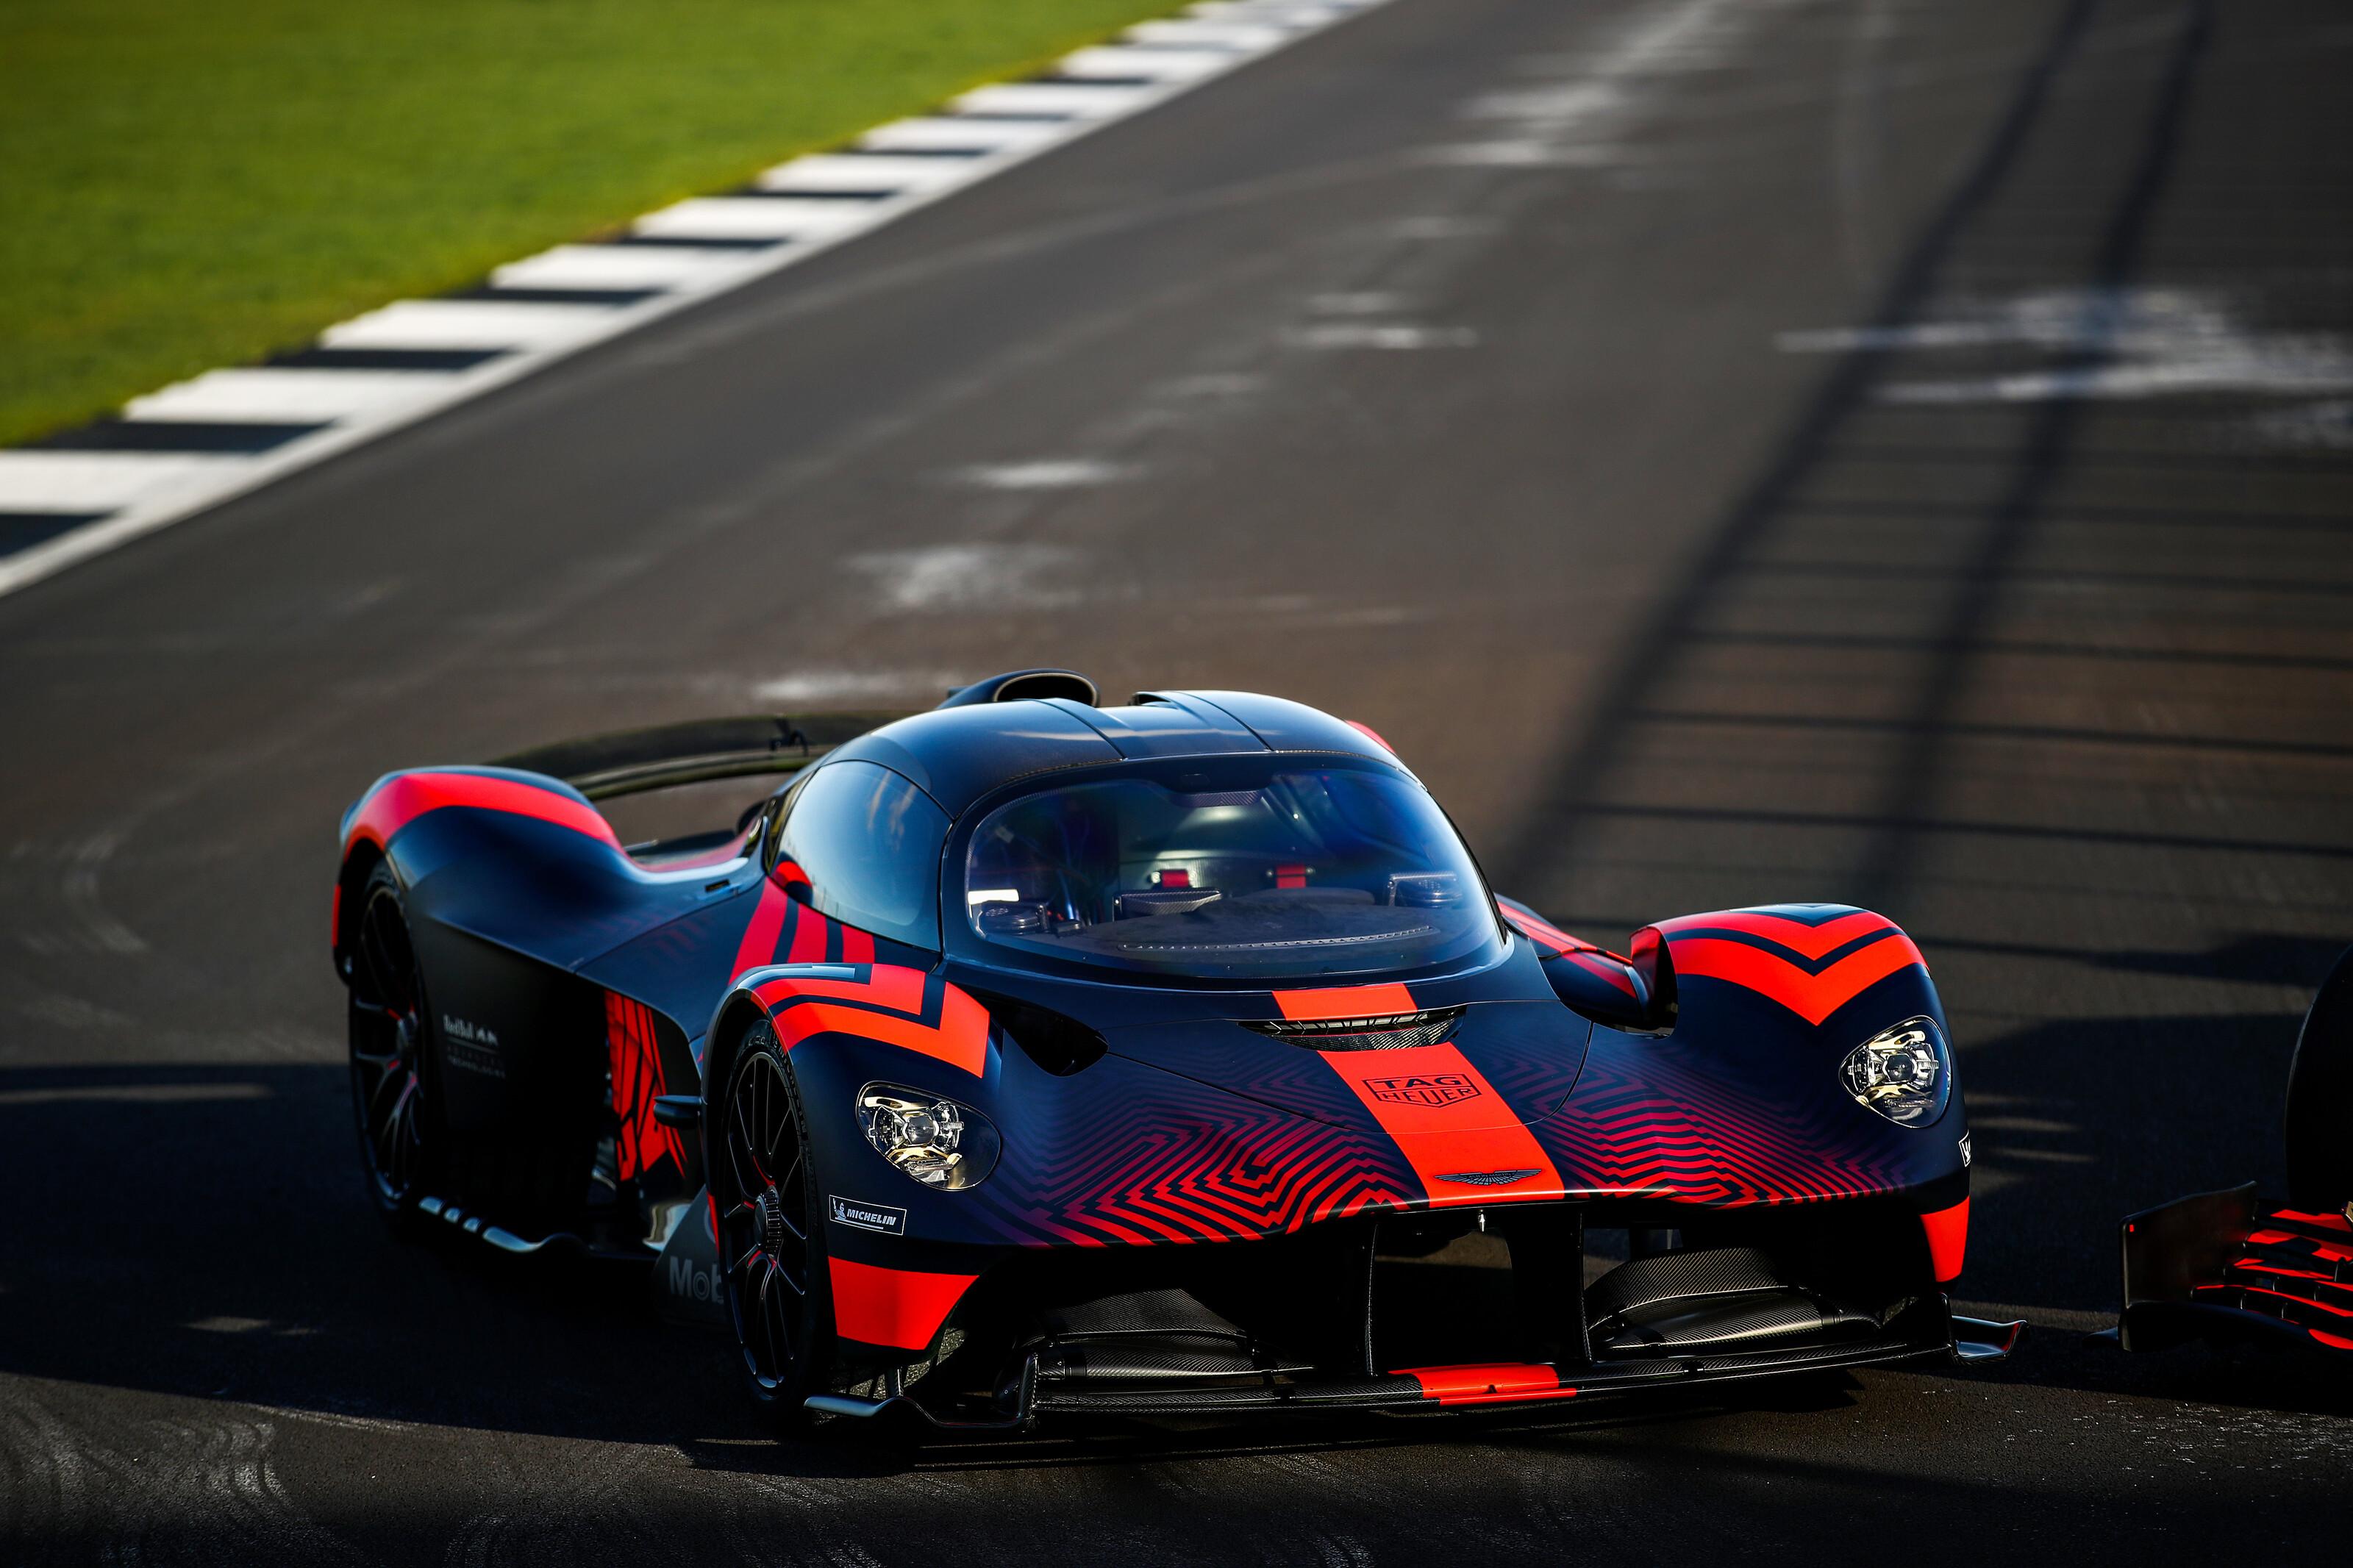 Kérdőjelek az Aston Martin körül – ismét süllyedőfélben a WEC?